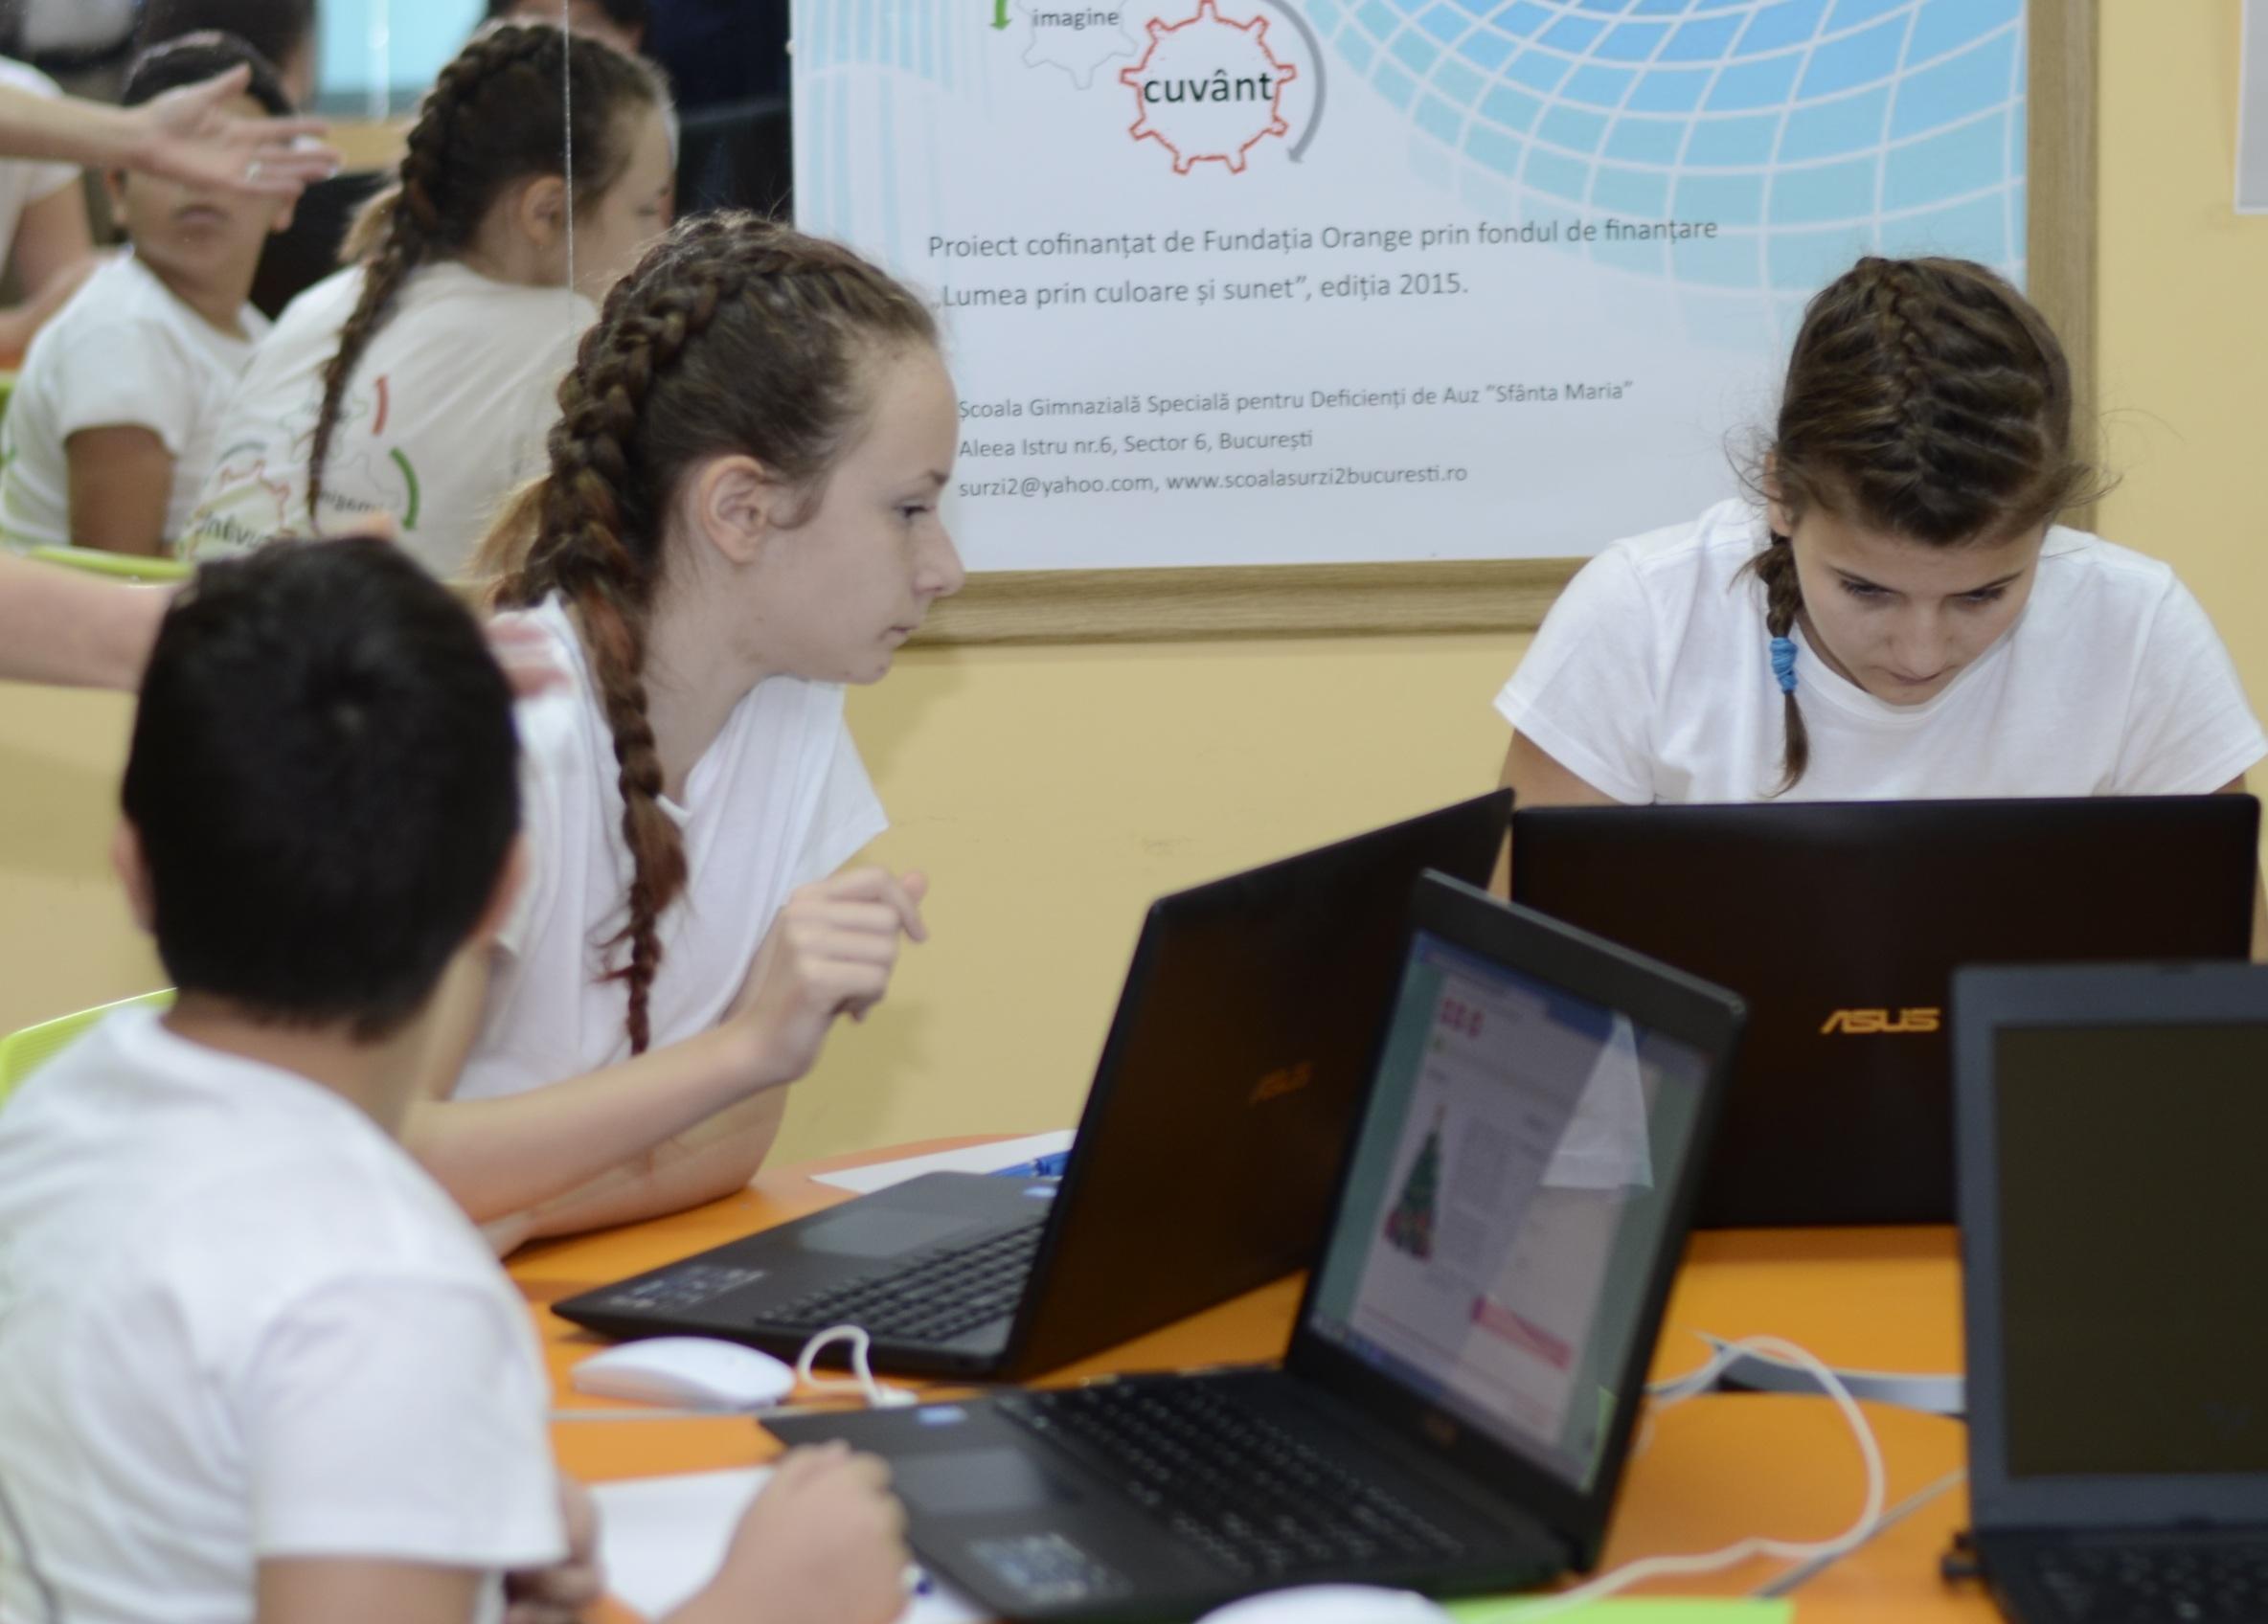 SEMN - CUVANT - IMAGINE (SWIm - Comunicare fara bariere pentru elevii cu deficiente de auz